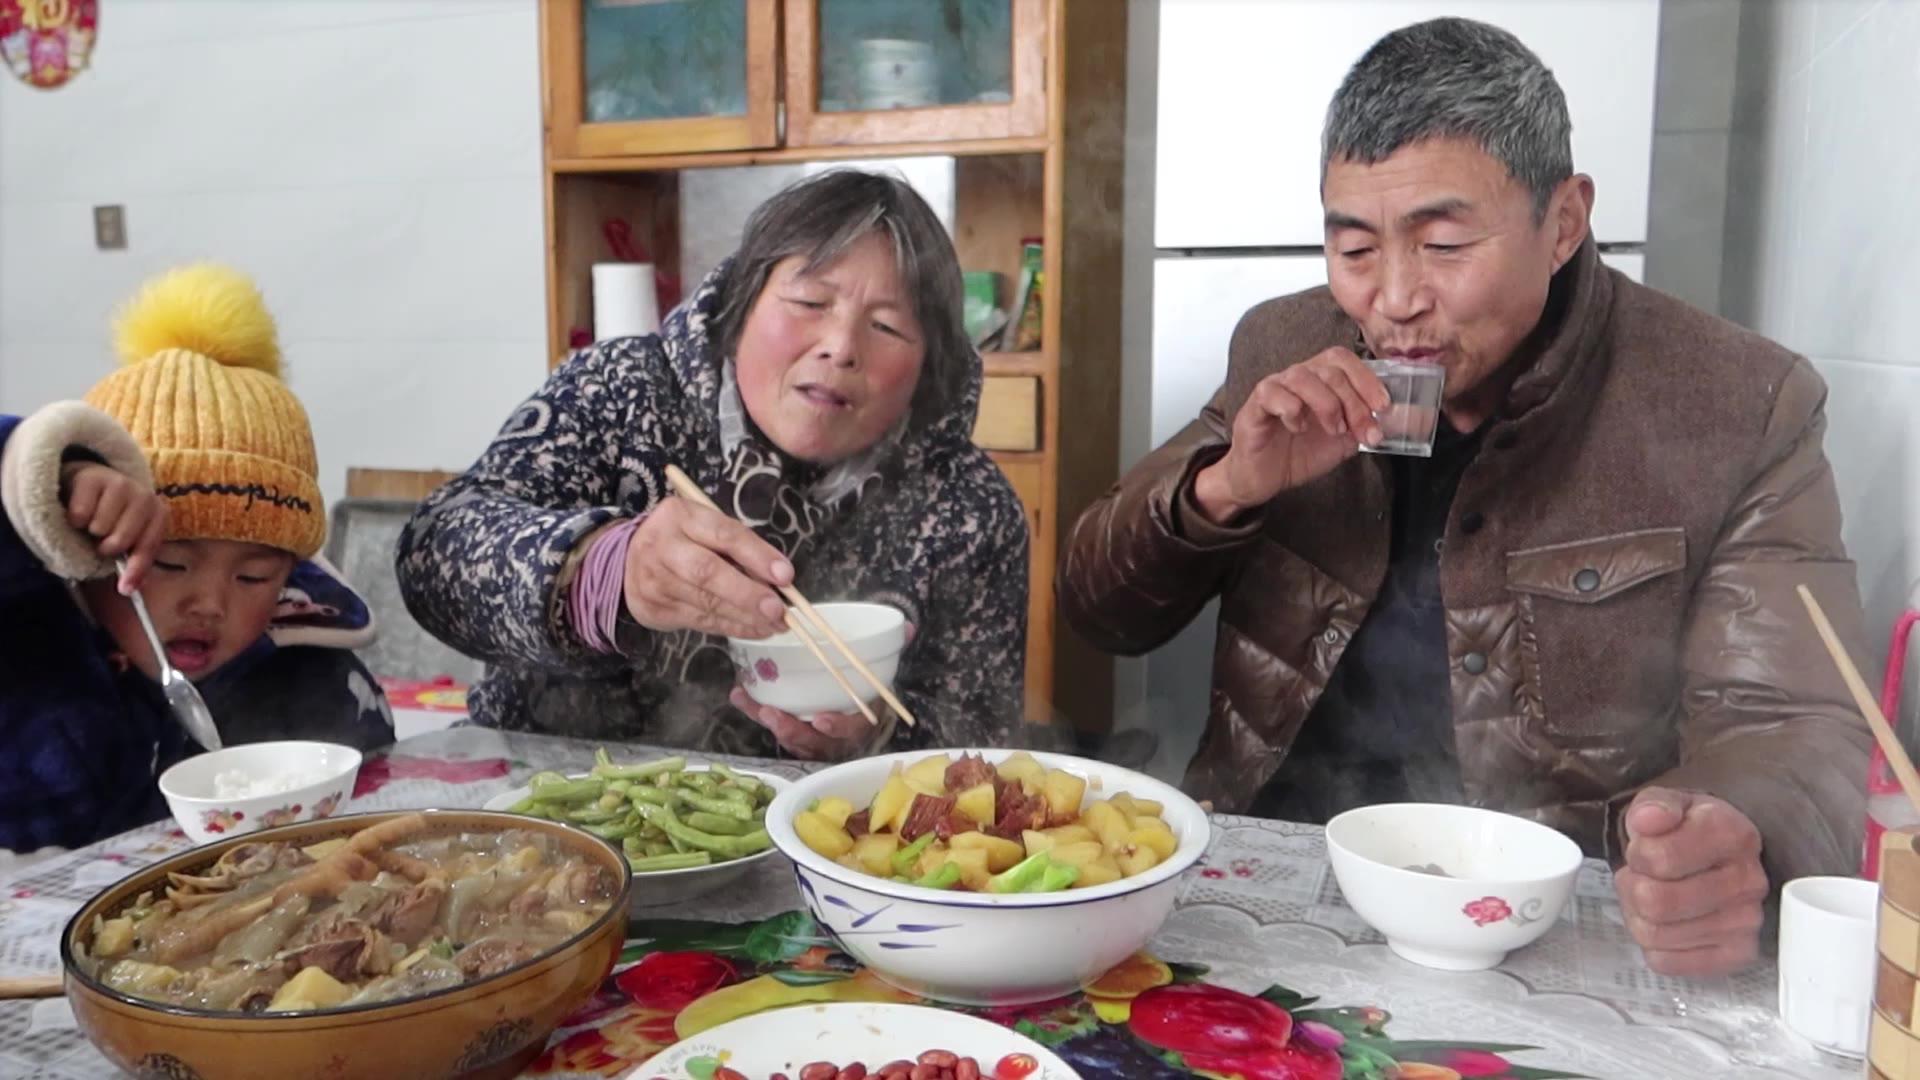 一盆土豆烧牛肉,一盆粉皮炖小鸡,一壶温酒,陪父亲吃肉喝酒过瘾